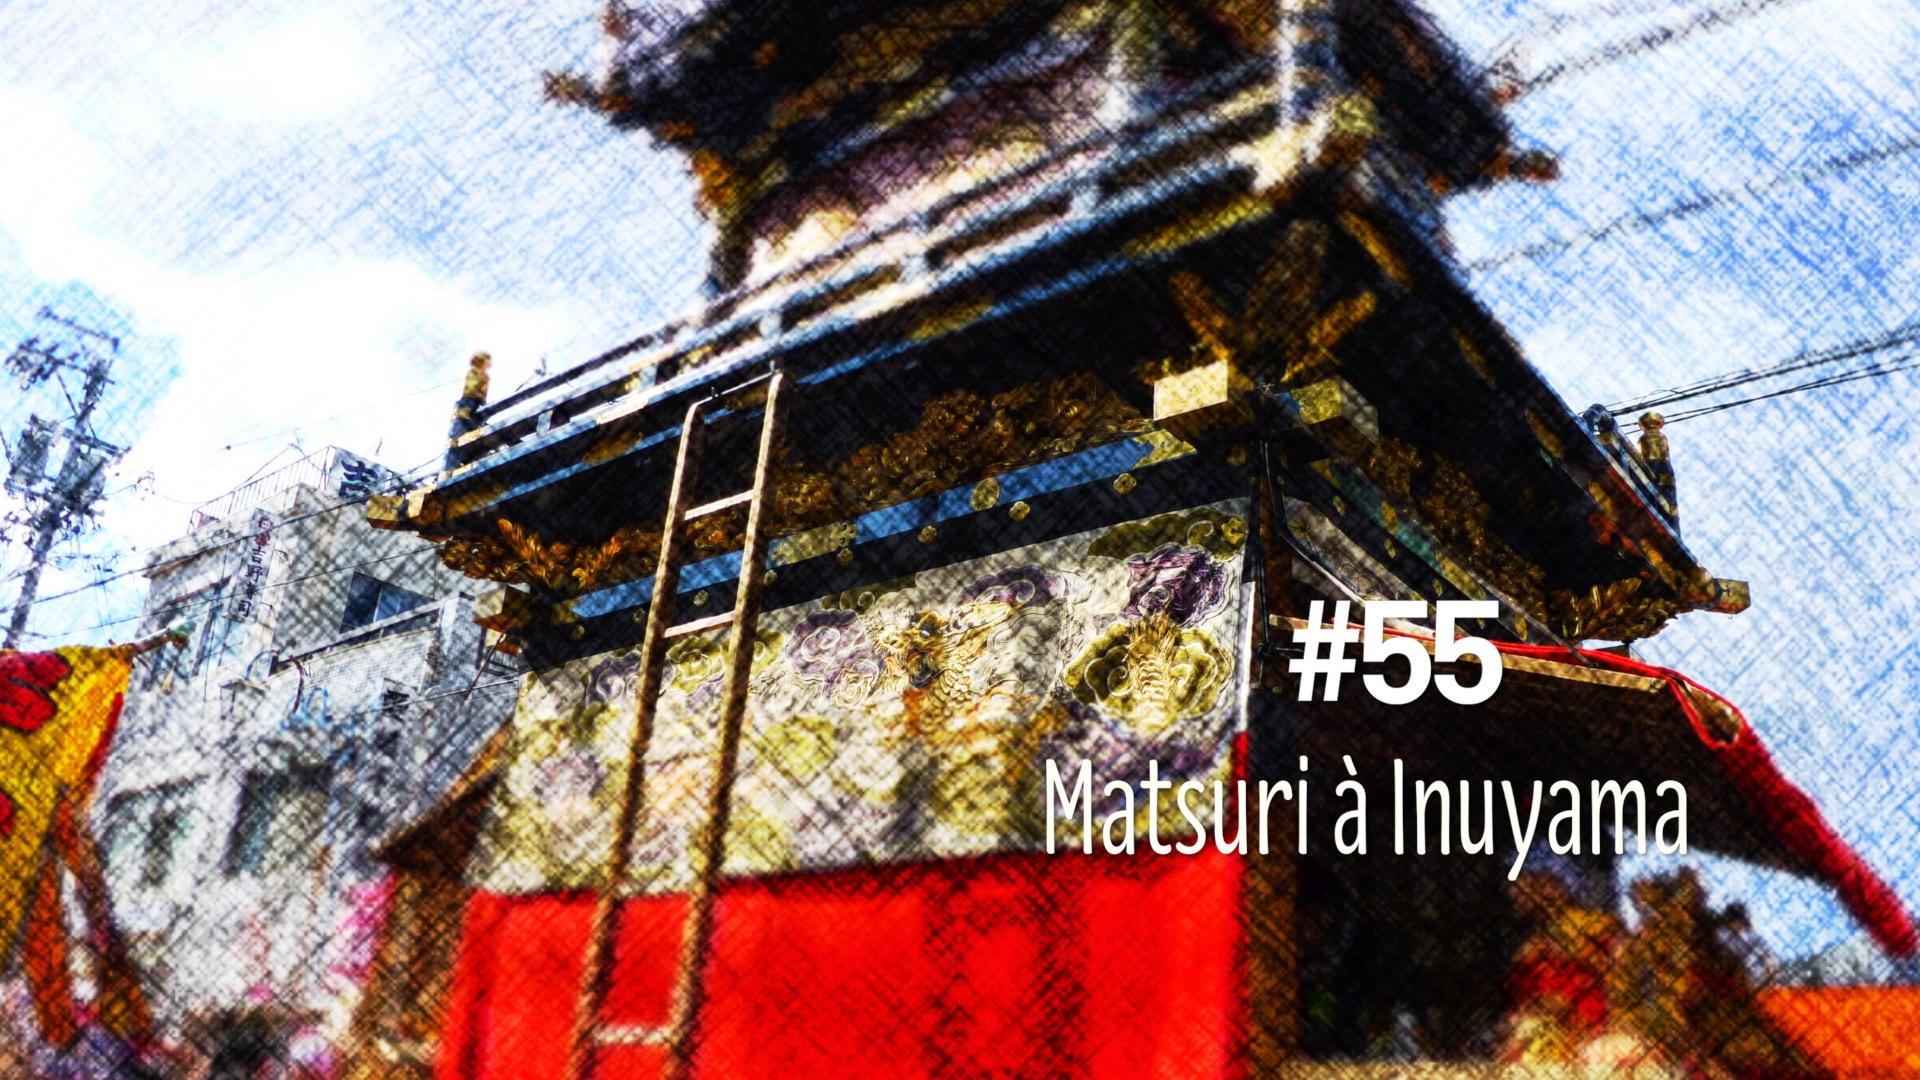 Matsuri à Inuyama (#55)